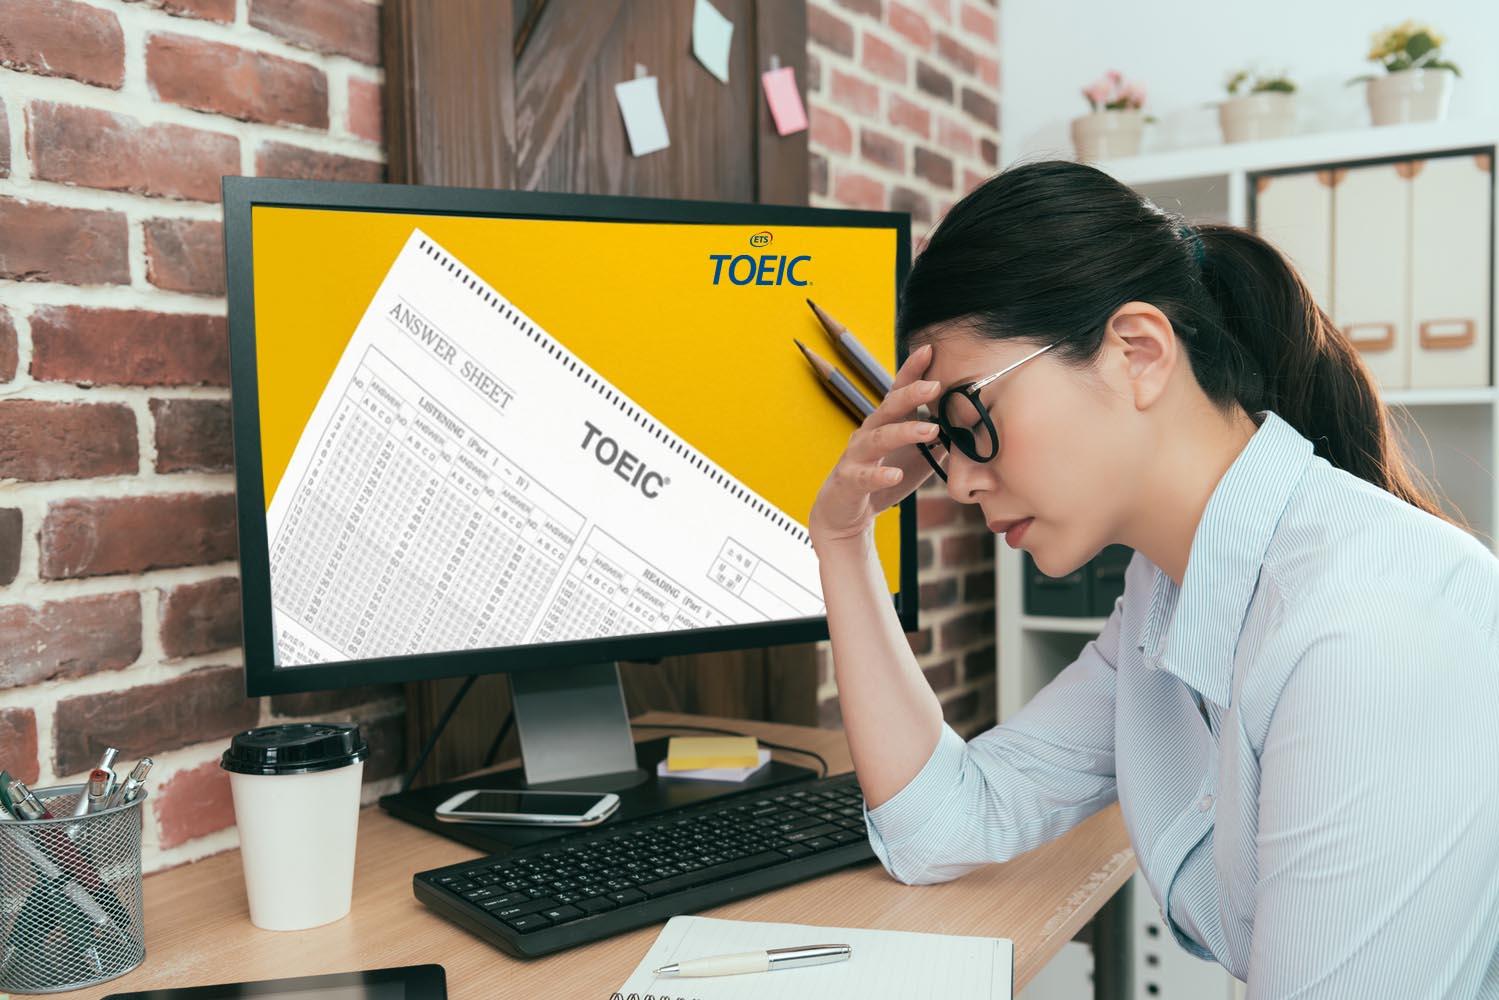 kinh nghiệm tự học TOEIC cho người bận rộn